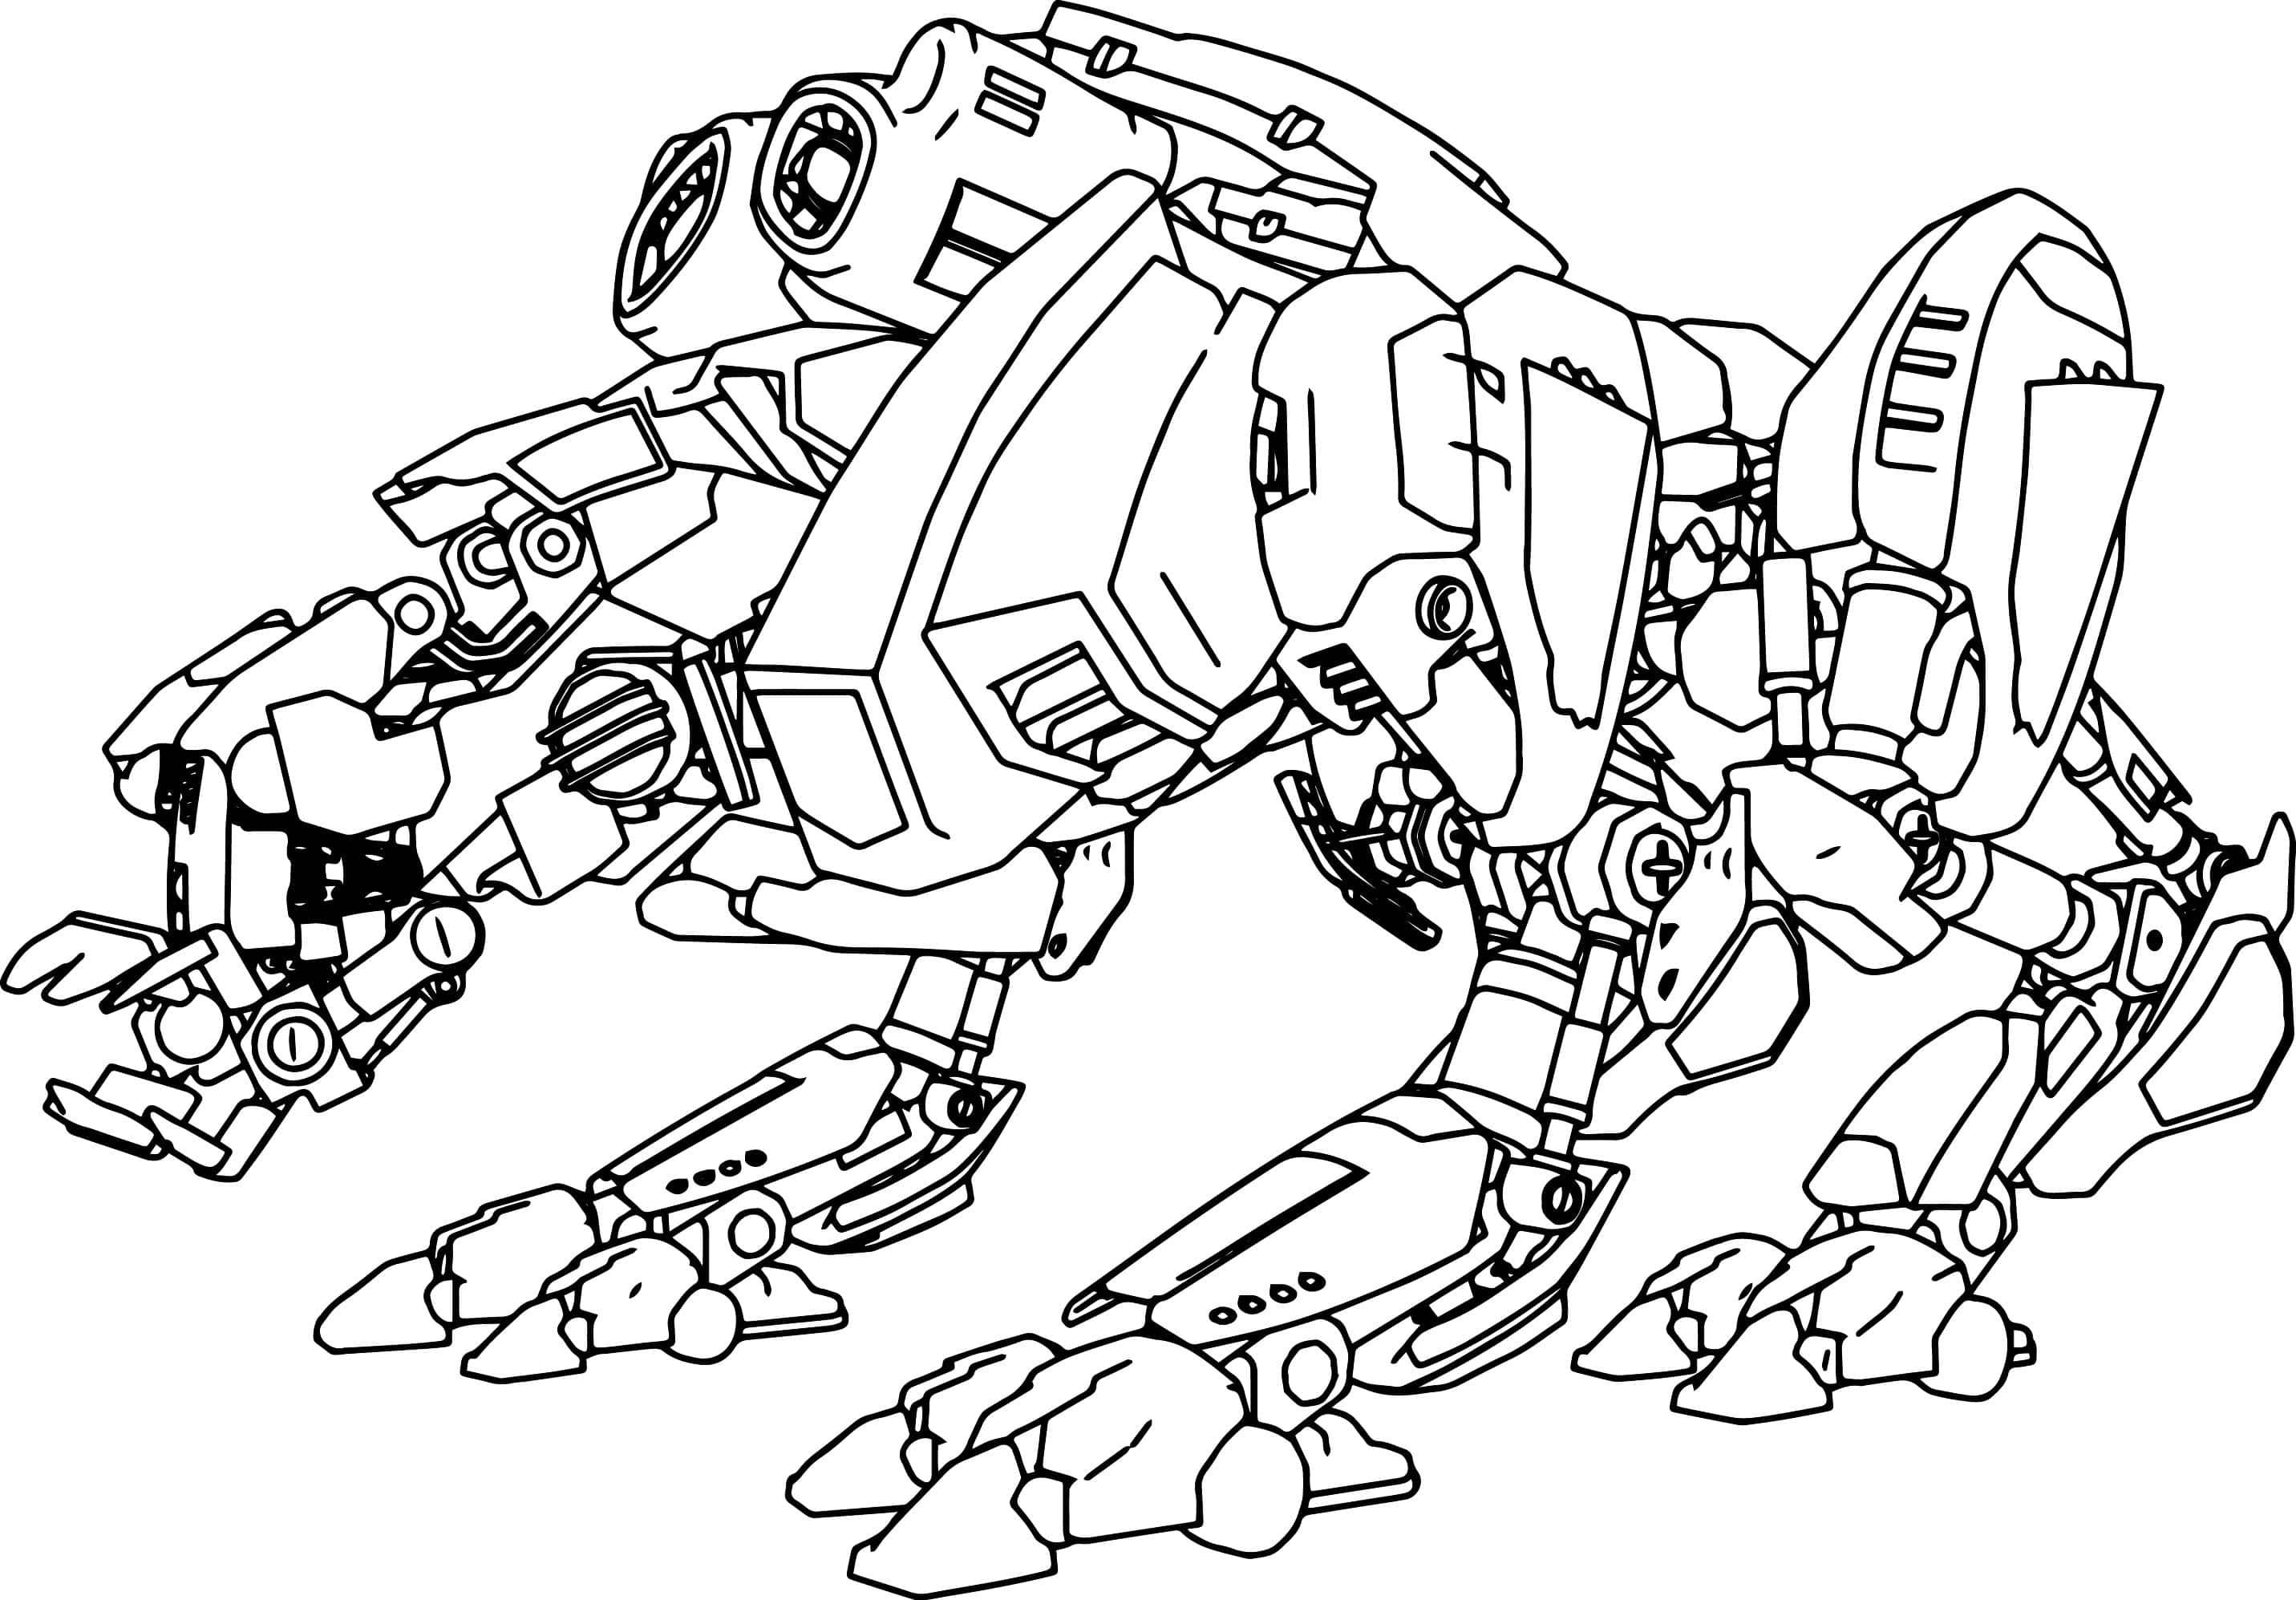 Раскраски Робот - детские раскраски распечатать бесплатно